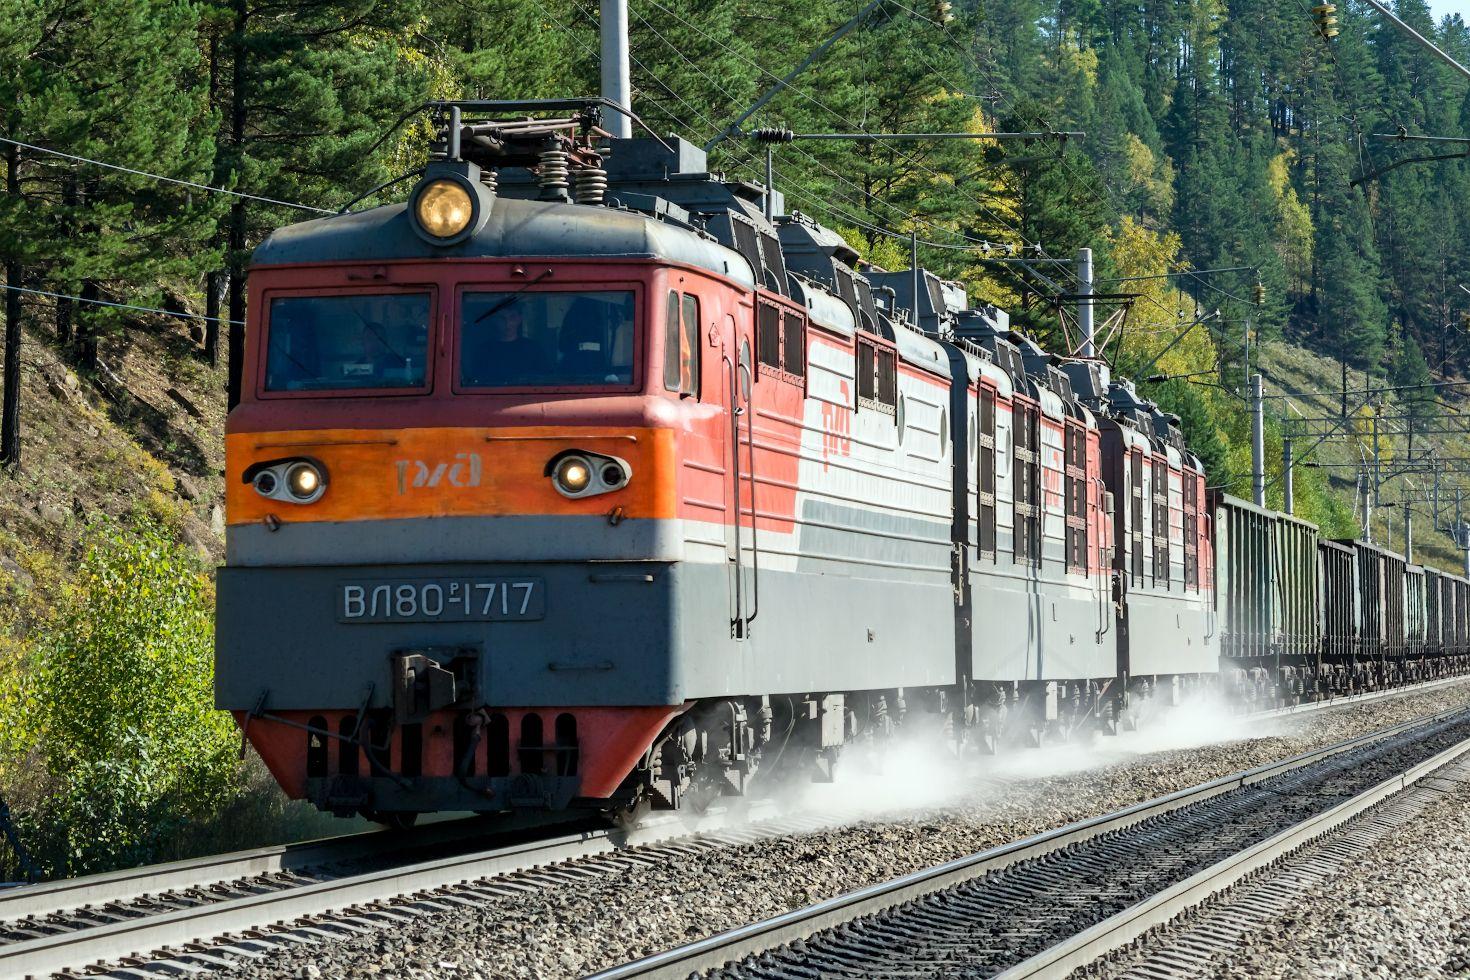 ВЛ80Р-1717 railway железная дорога locomotive локомотив электровоз поезд train Russia Siberia Irkutsk Россия Сибирь Иркутск споттинг spotting